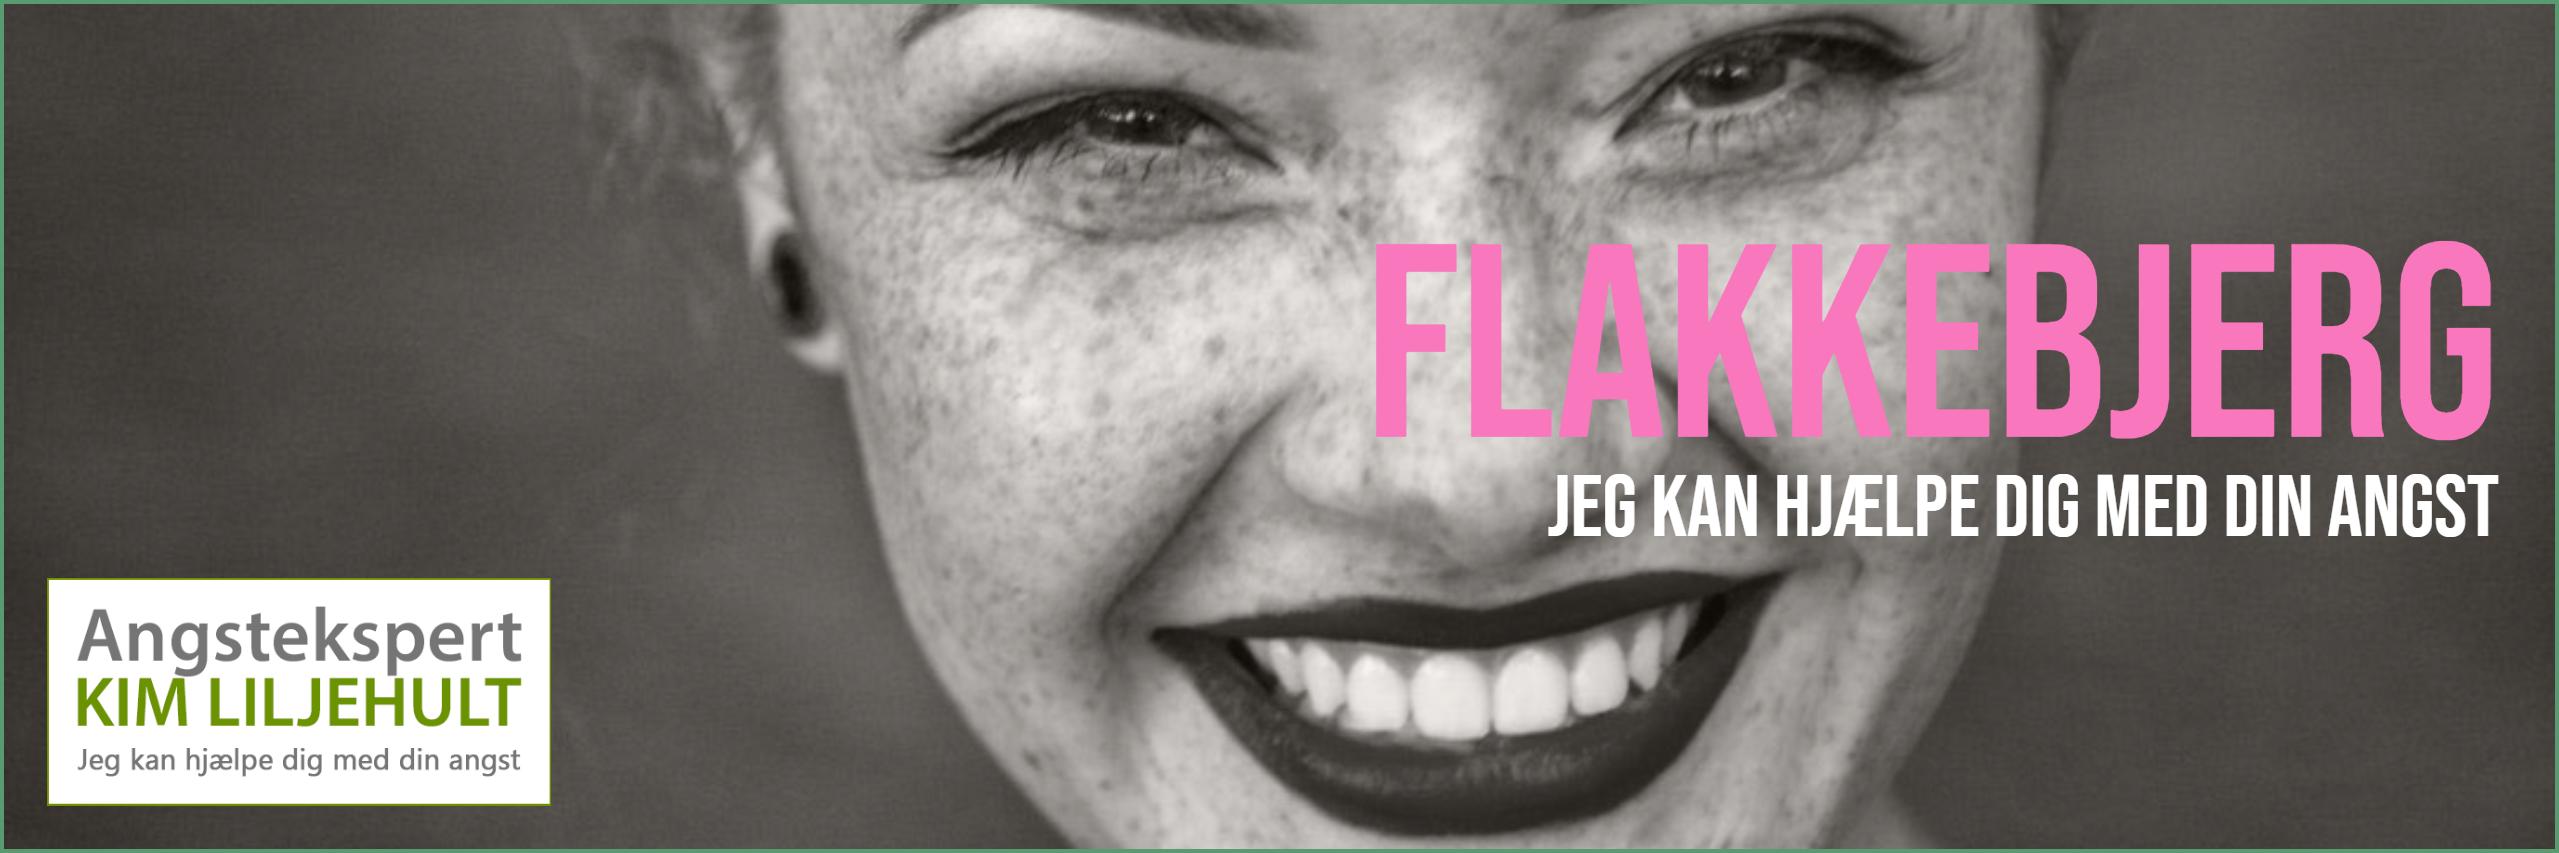 Flakkebjerg-psykolog